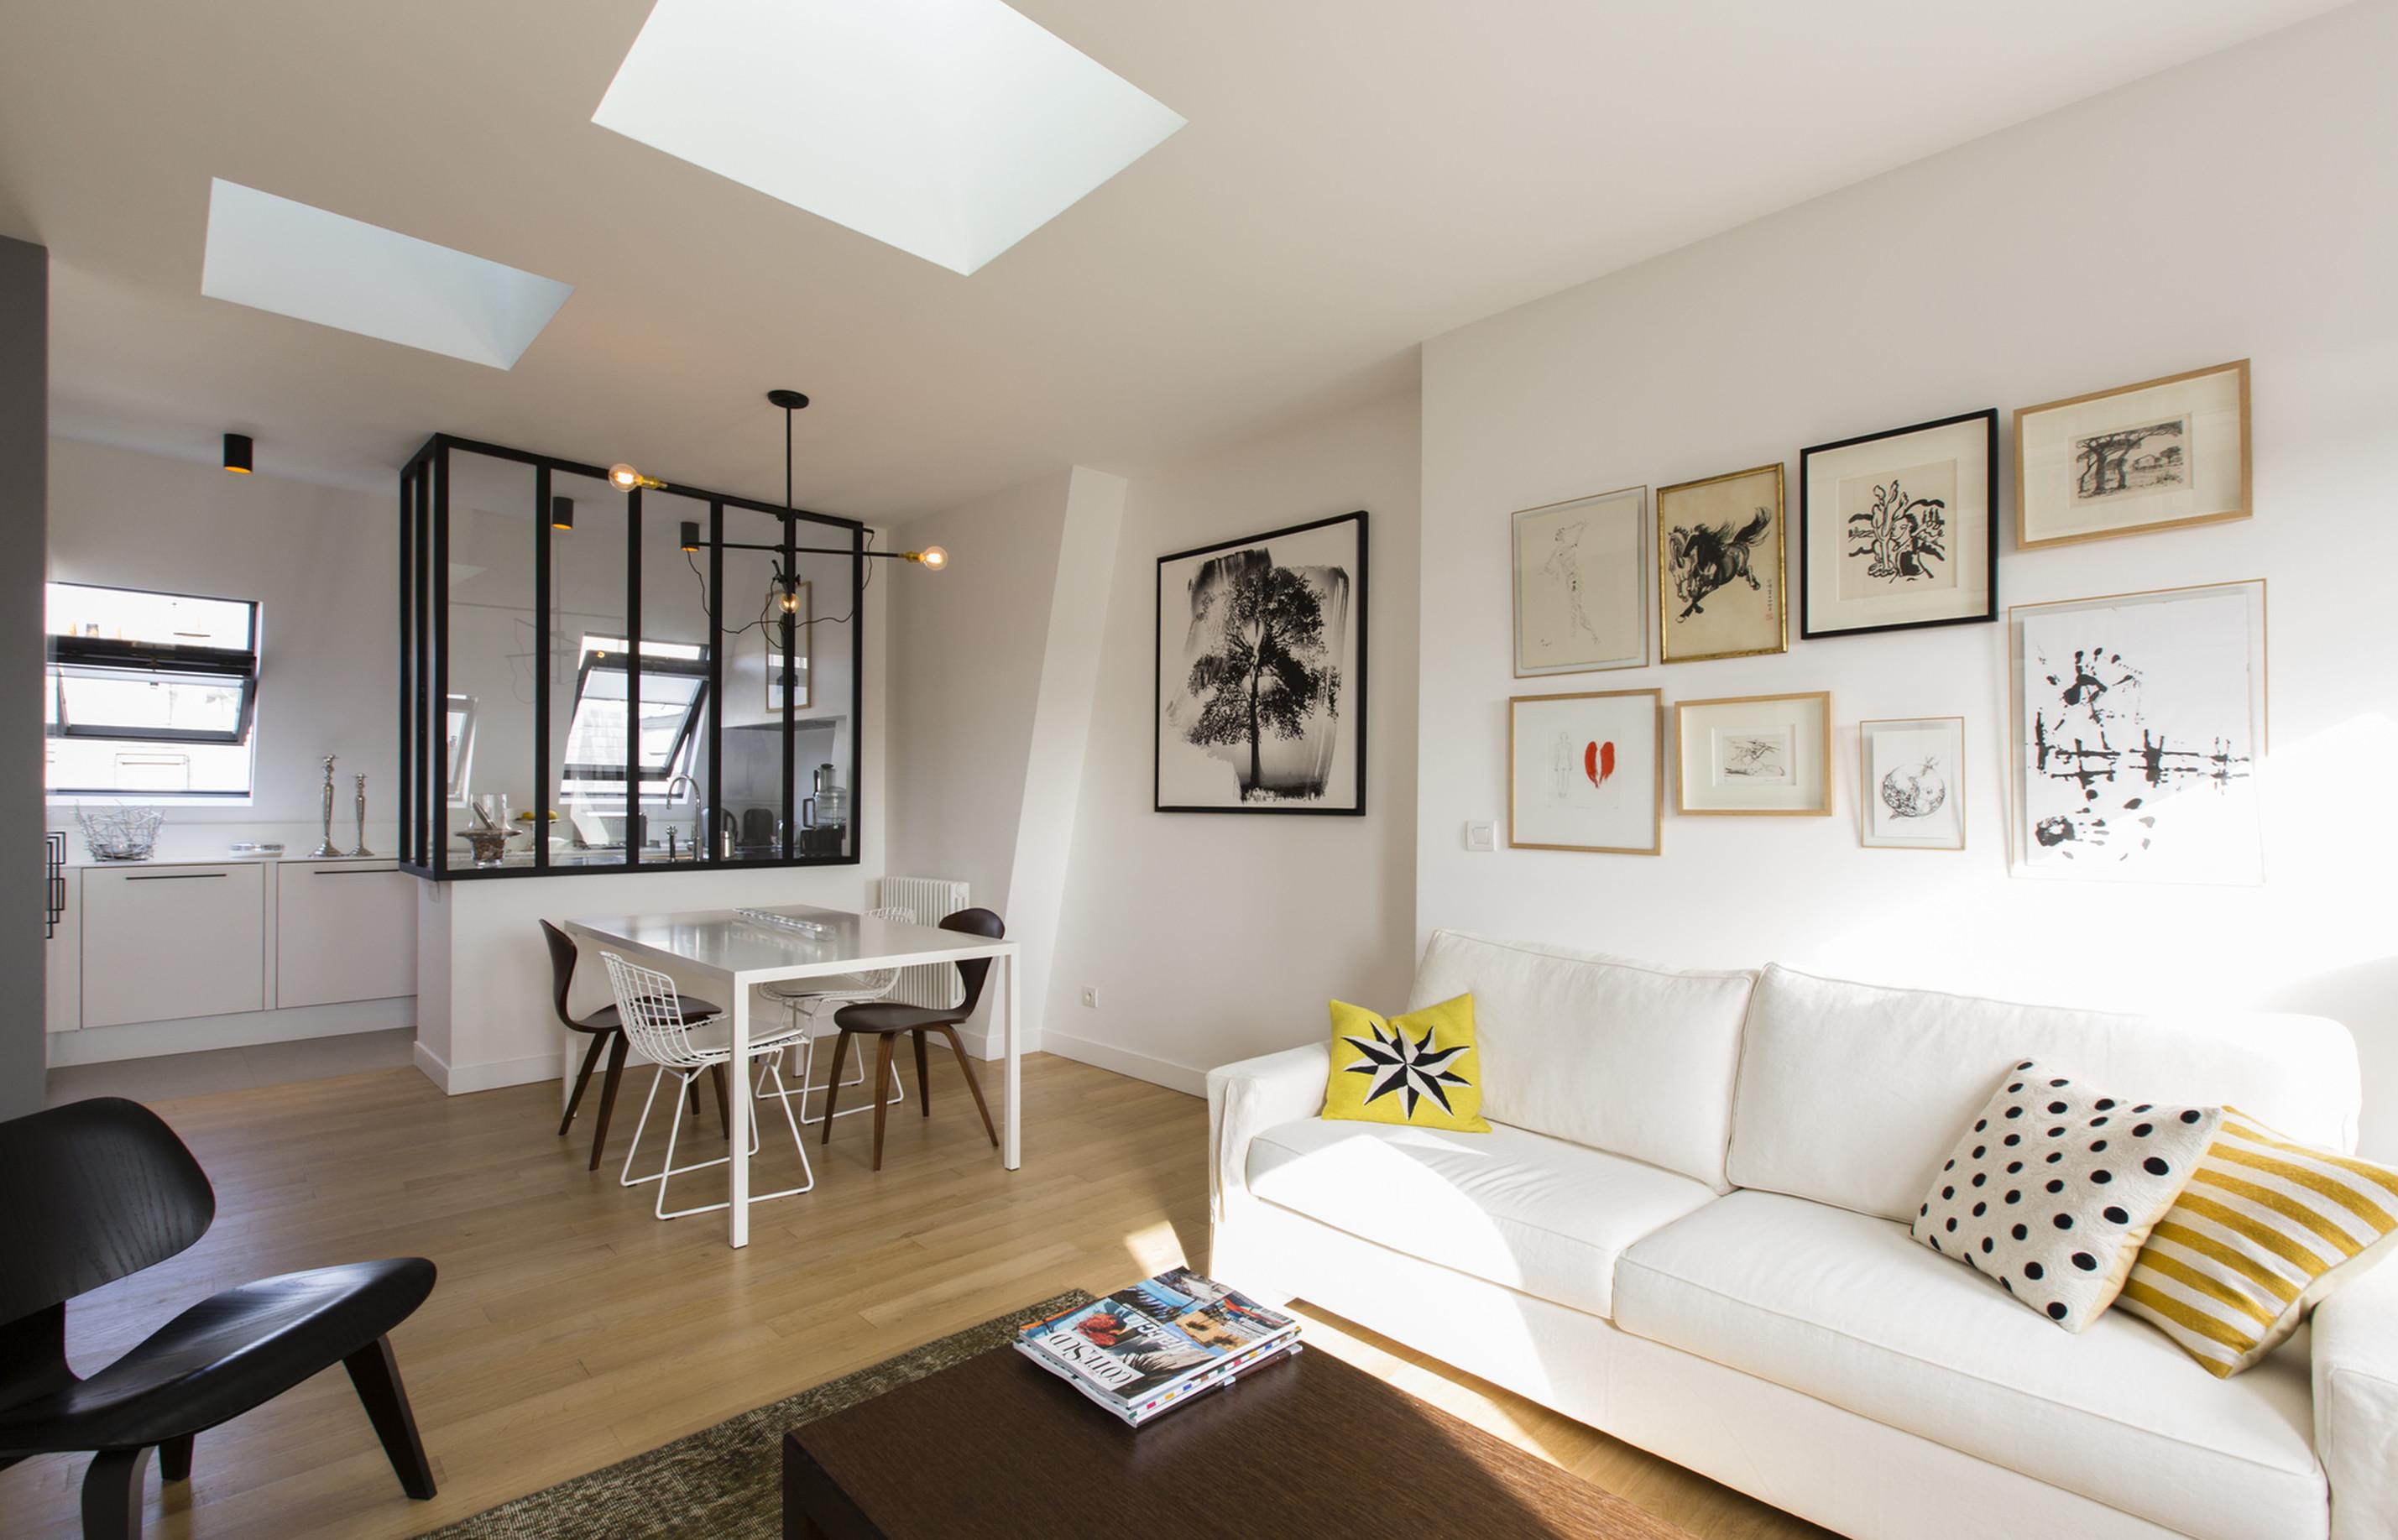 le blog de l 39 achat immobilier paris et r gion parisienne. Black Bedroom Furniture Sets. Home Design Ideas